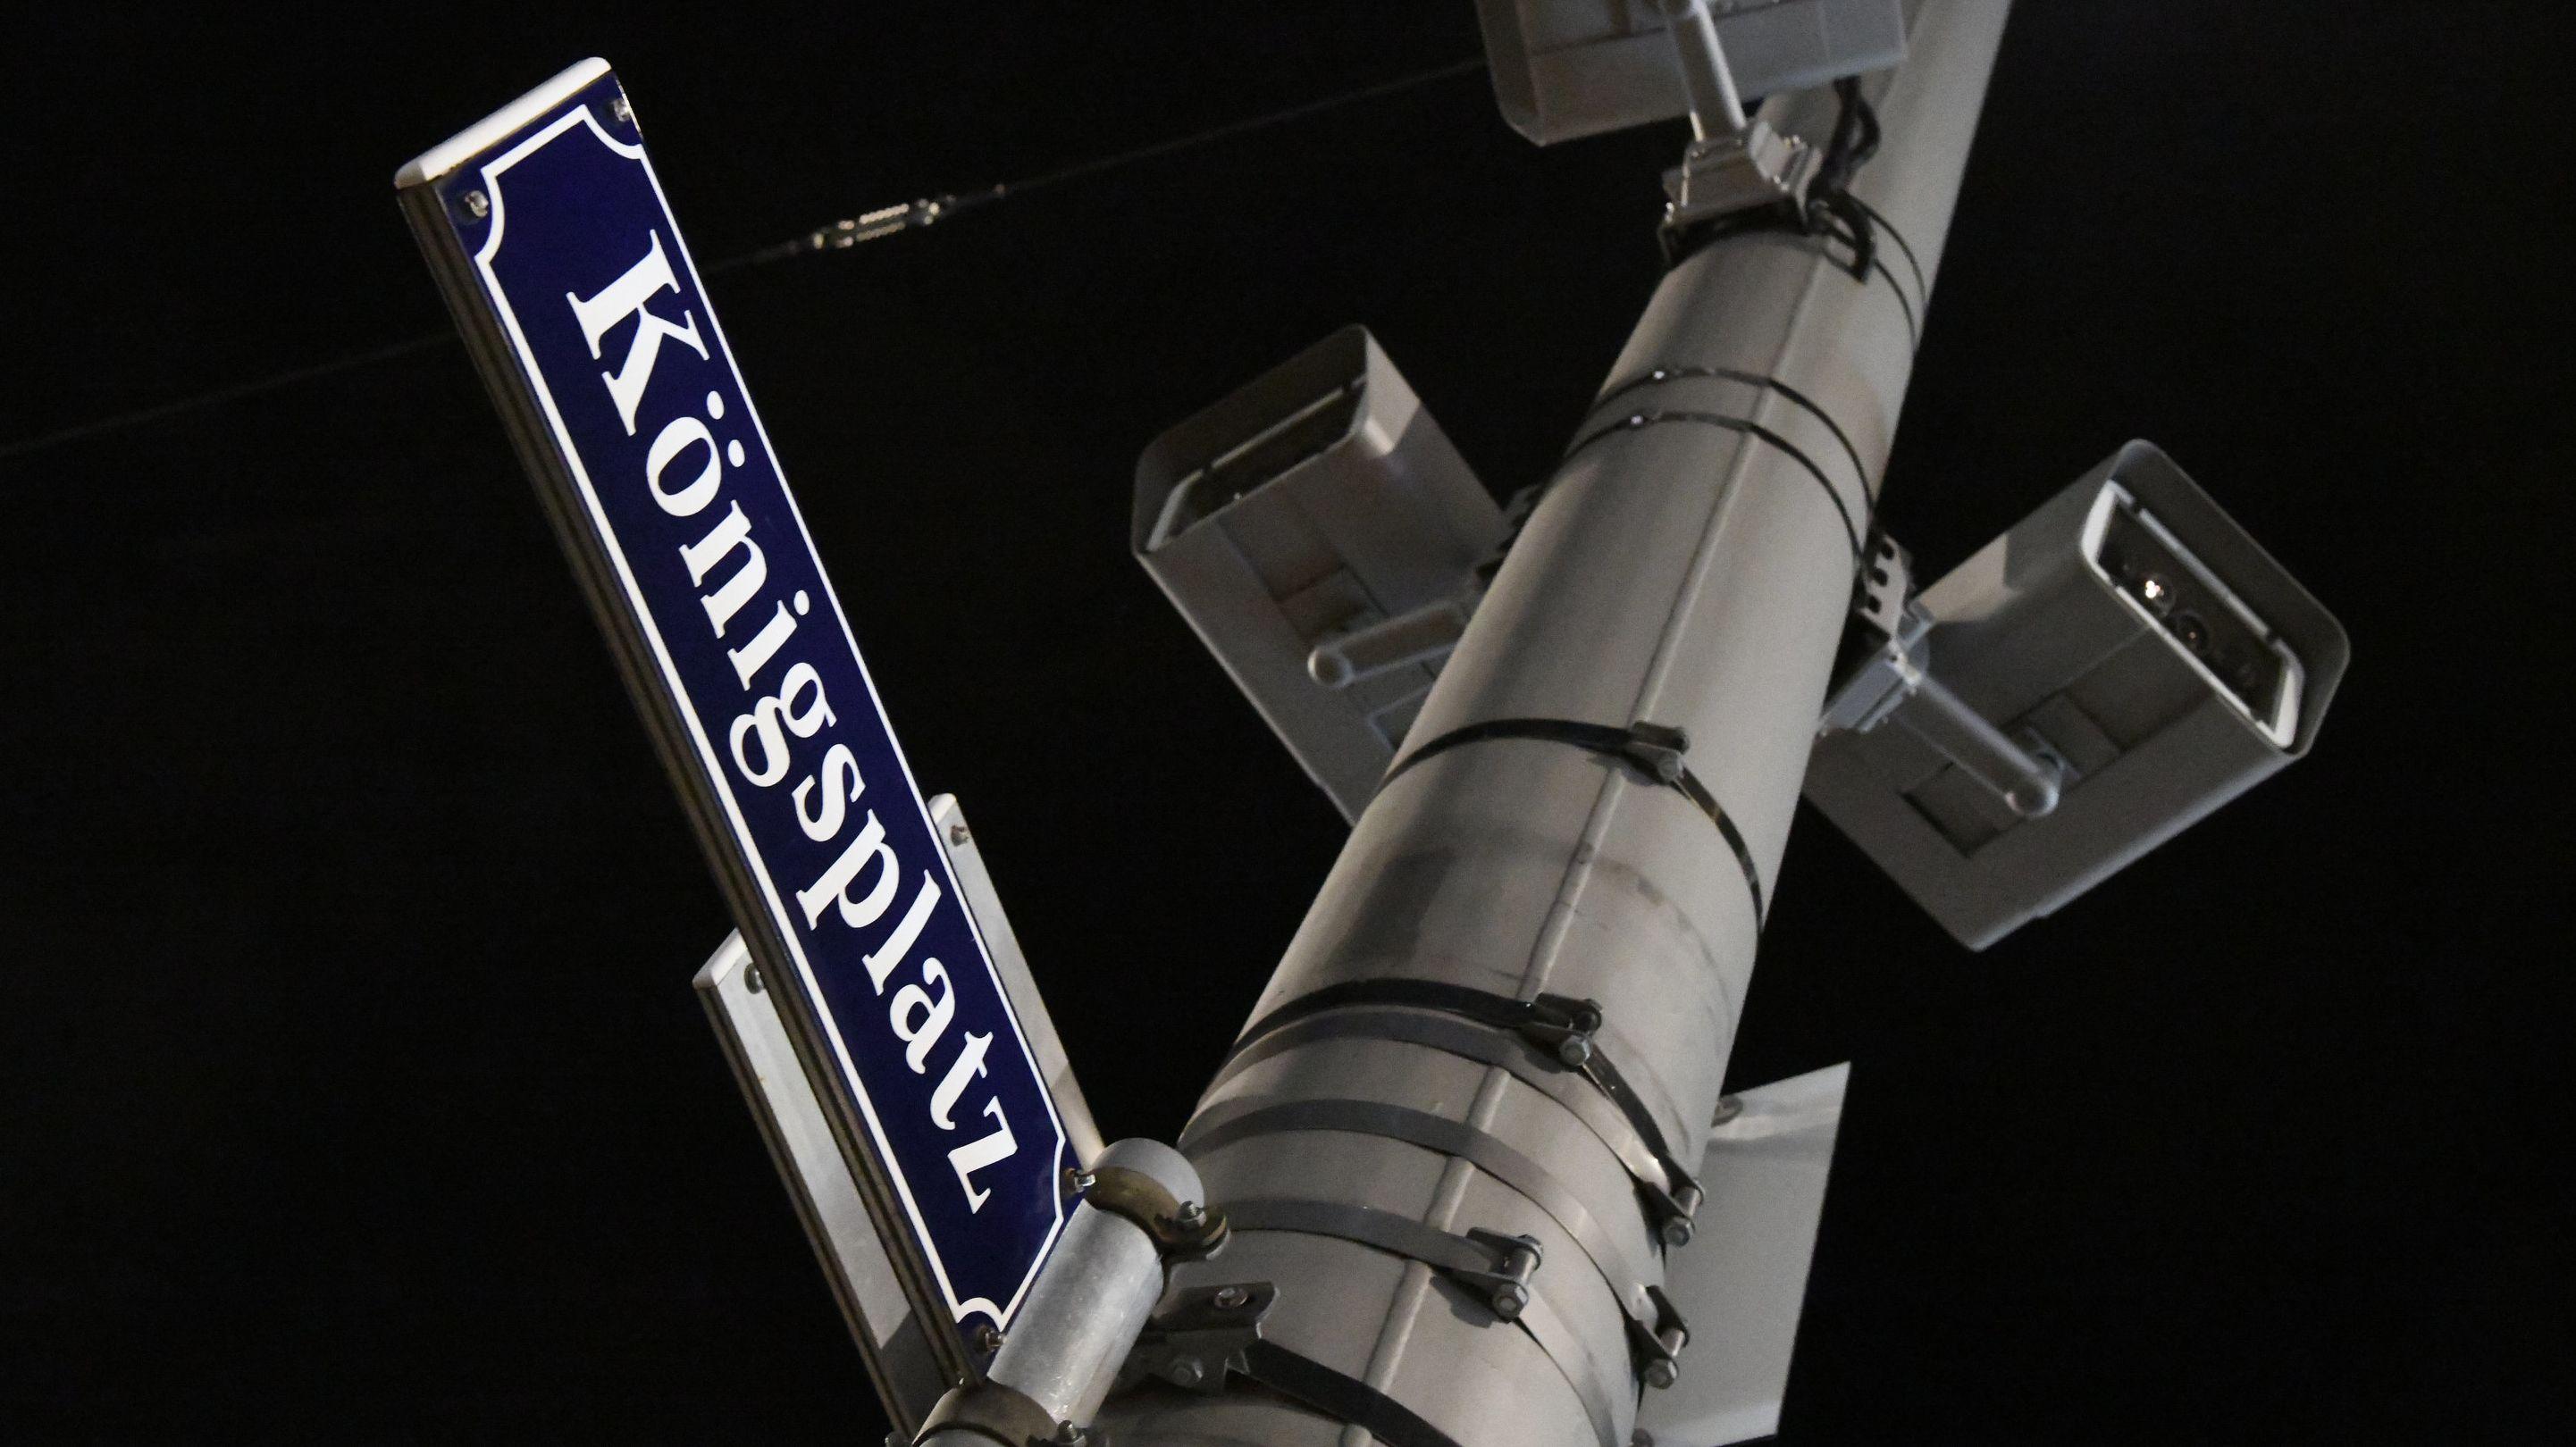 Der Augsburger Königsplatz, wo ein Feuerwehrmann nach einem Streit getötet wurde